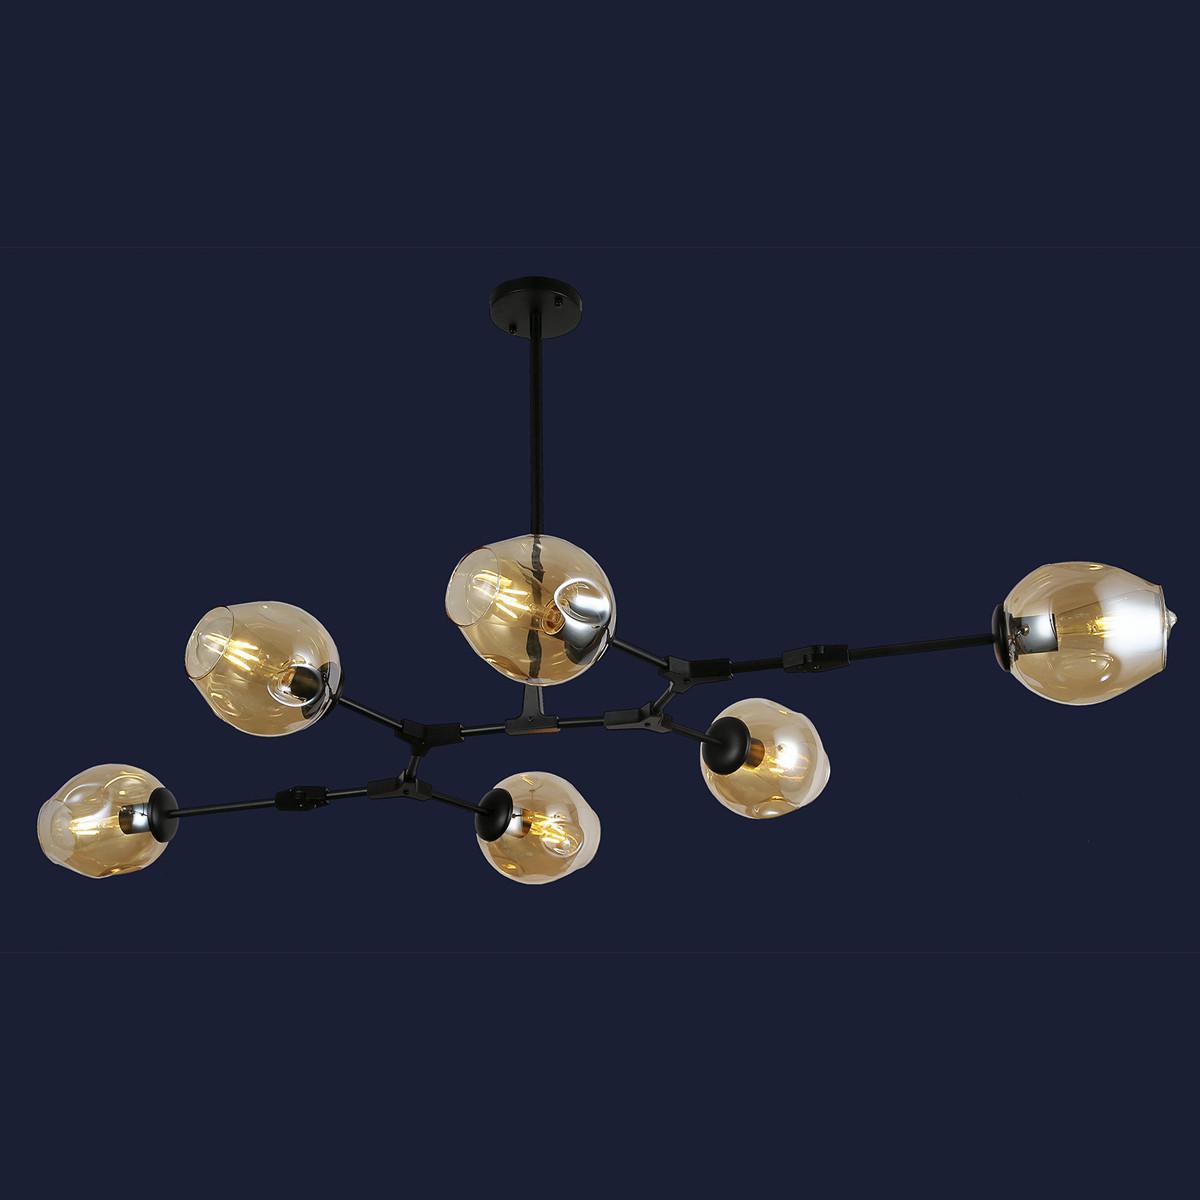 Люстра лофт молекула с стекляными плафонами цвет черный Levistella&752L7731-6 BK+BR